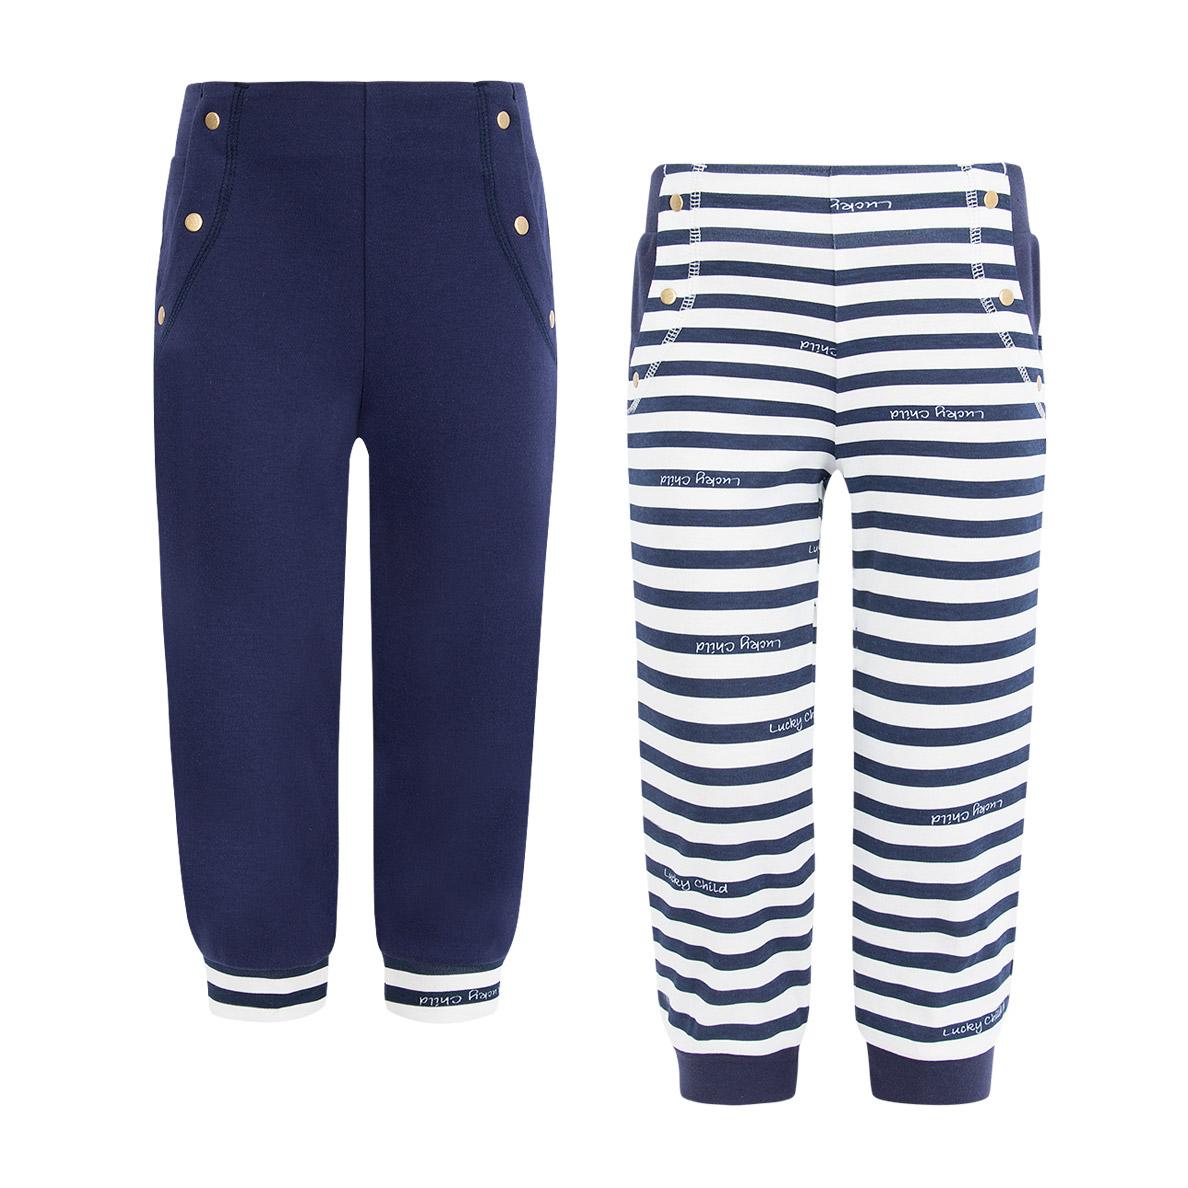 Купить Комплект брюк Lucky Child Лазурный берег 2 шт 128-134, Синий, Белый, Интерлок, Для девочек, Весна-Лето,